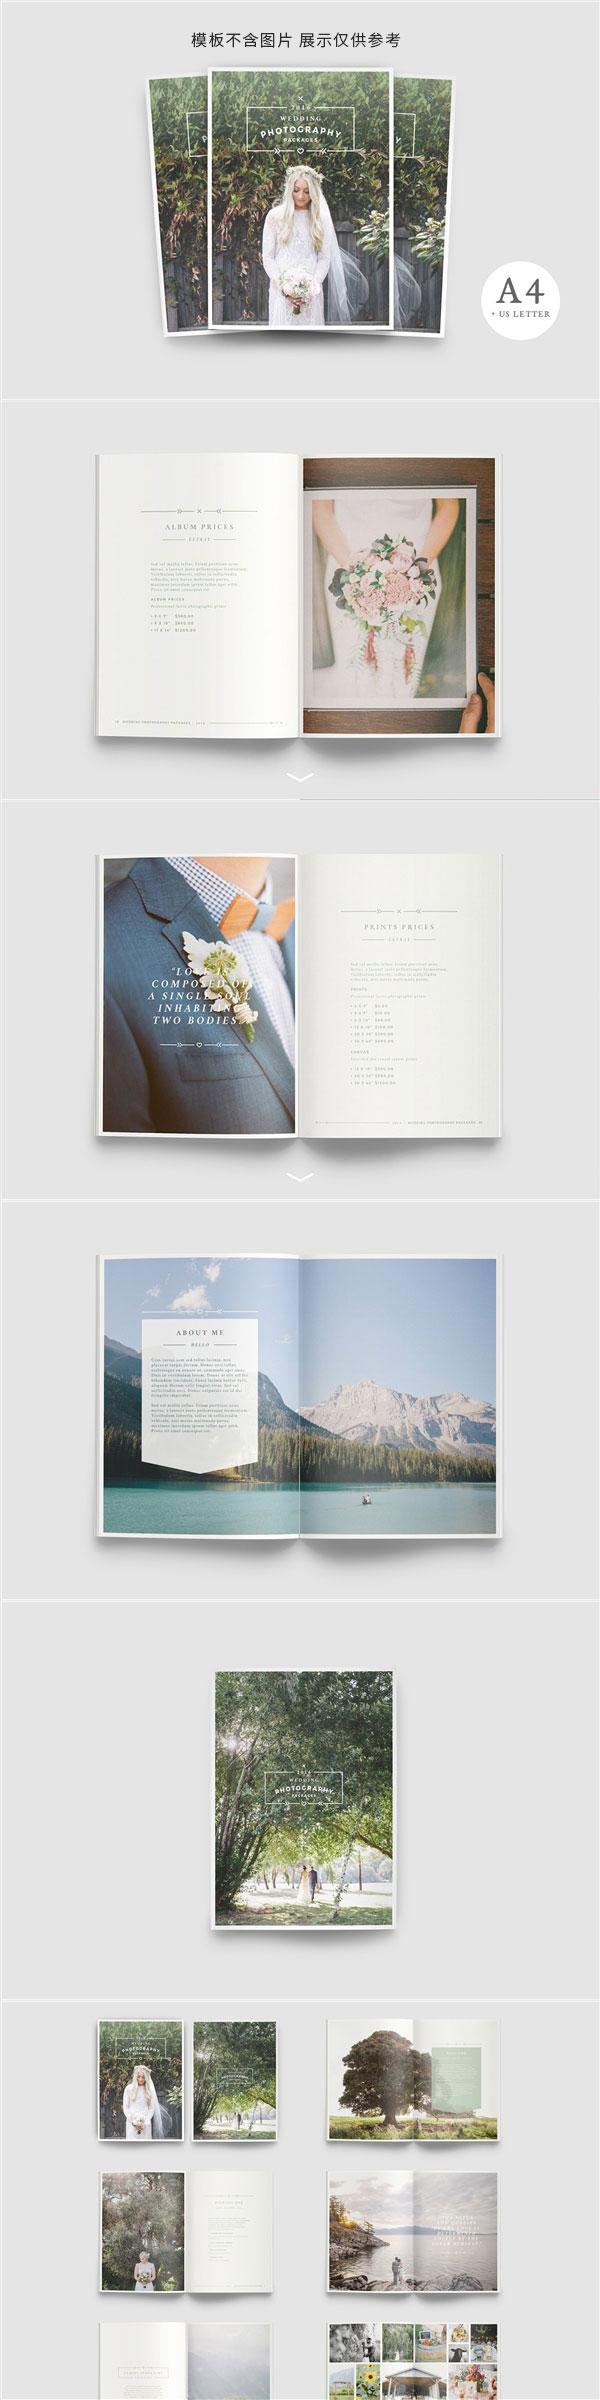 摄影画册手册